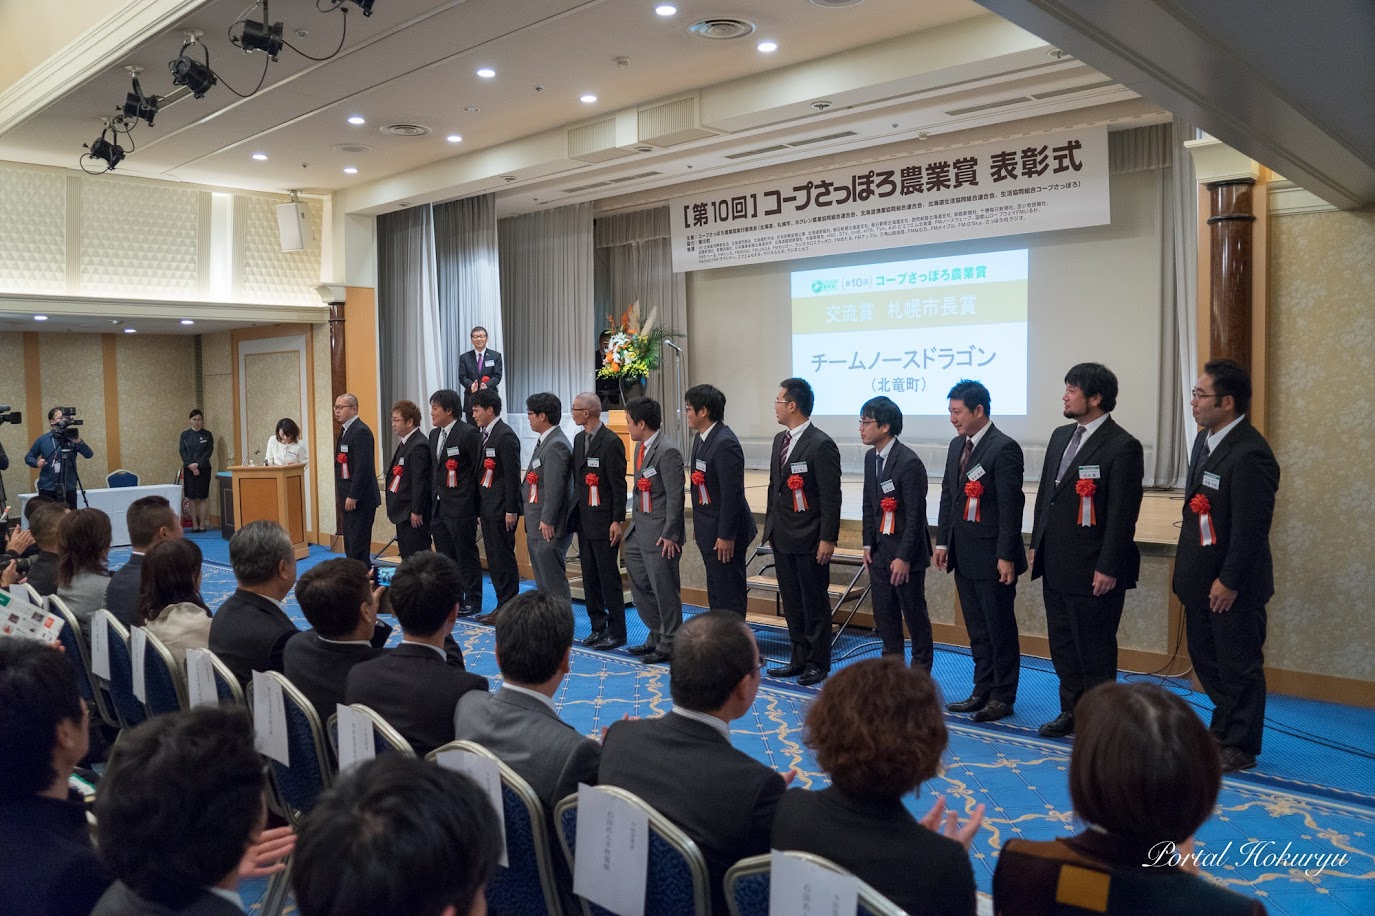 札幌市長賞:チームノースドラゴン (北竜町)